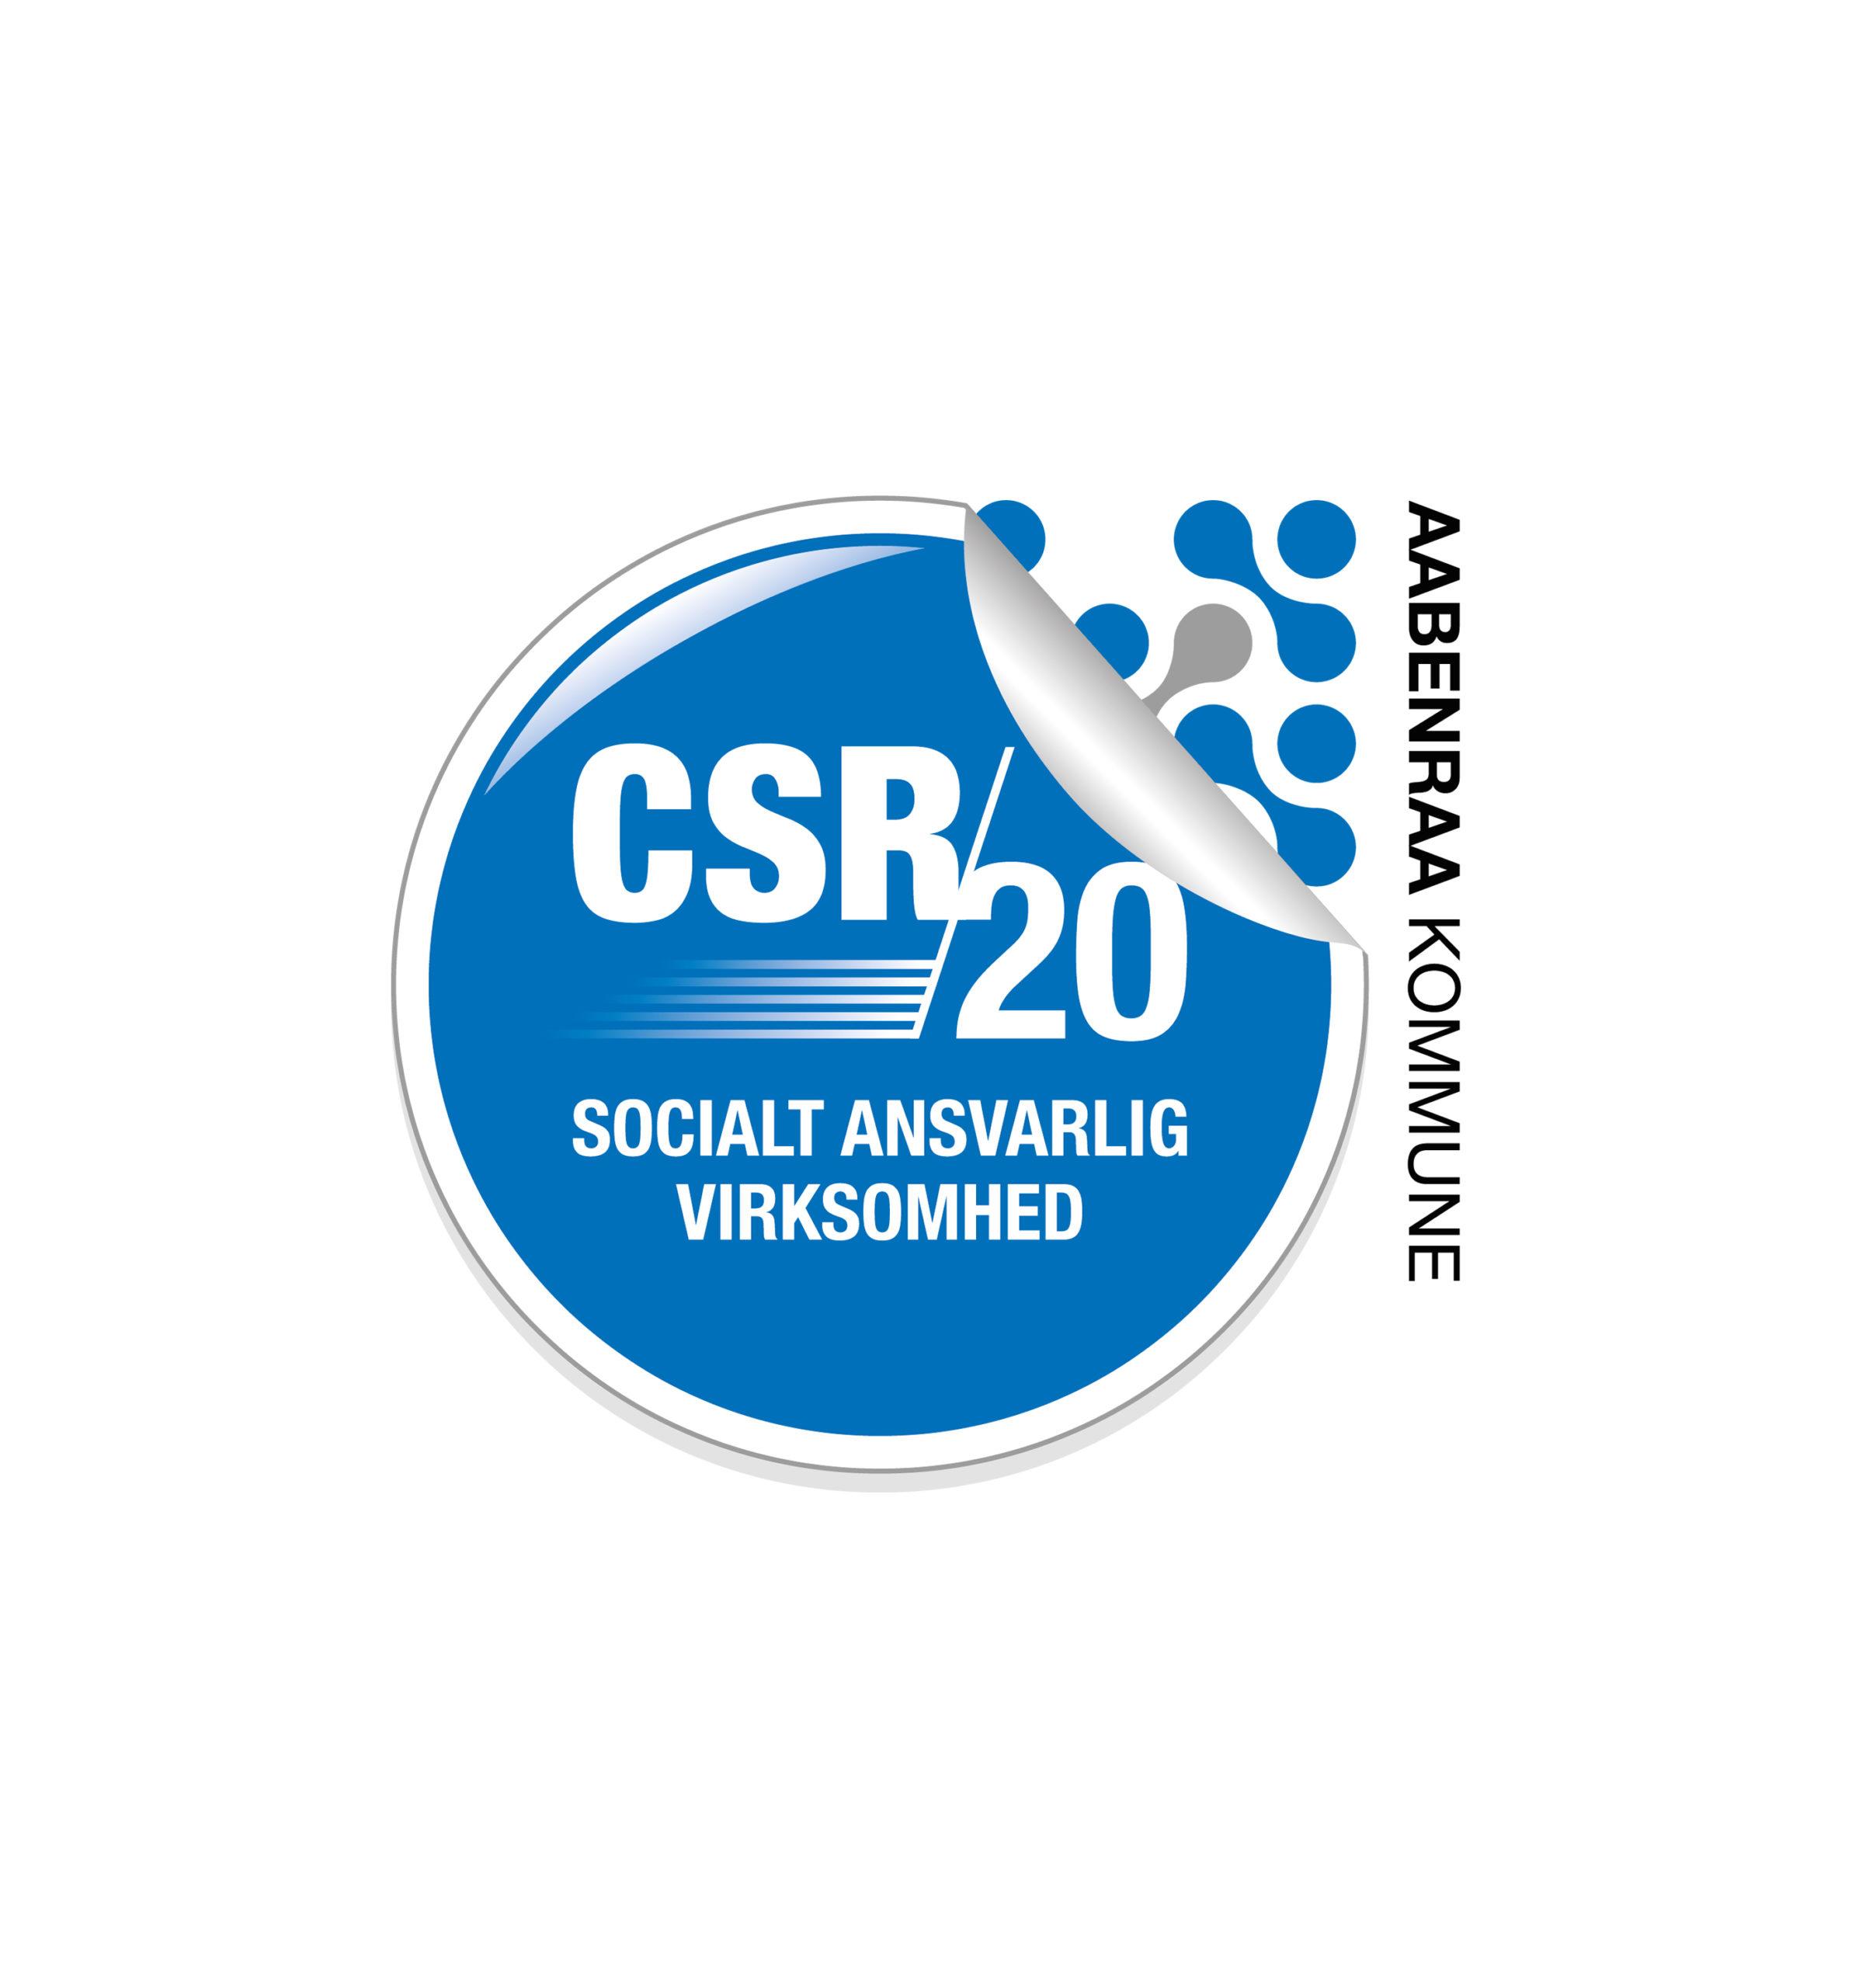 CSR 2020_Aabenraa Kommune_1600x1500